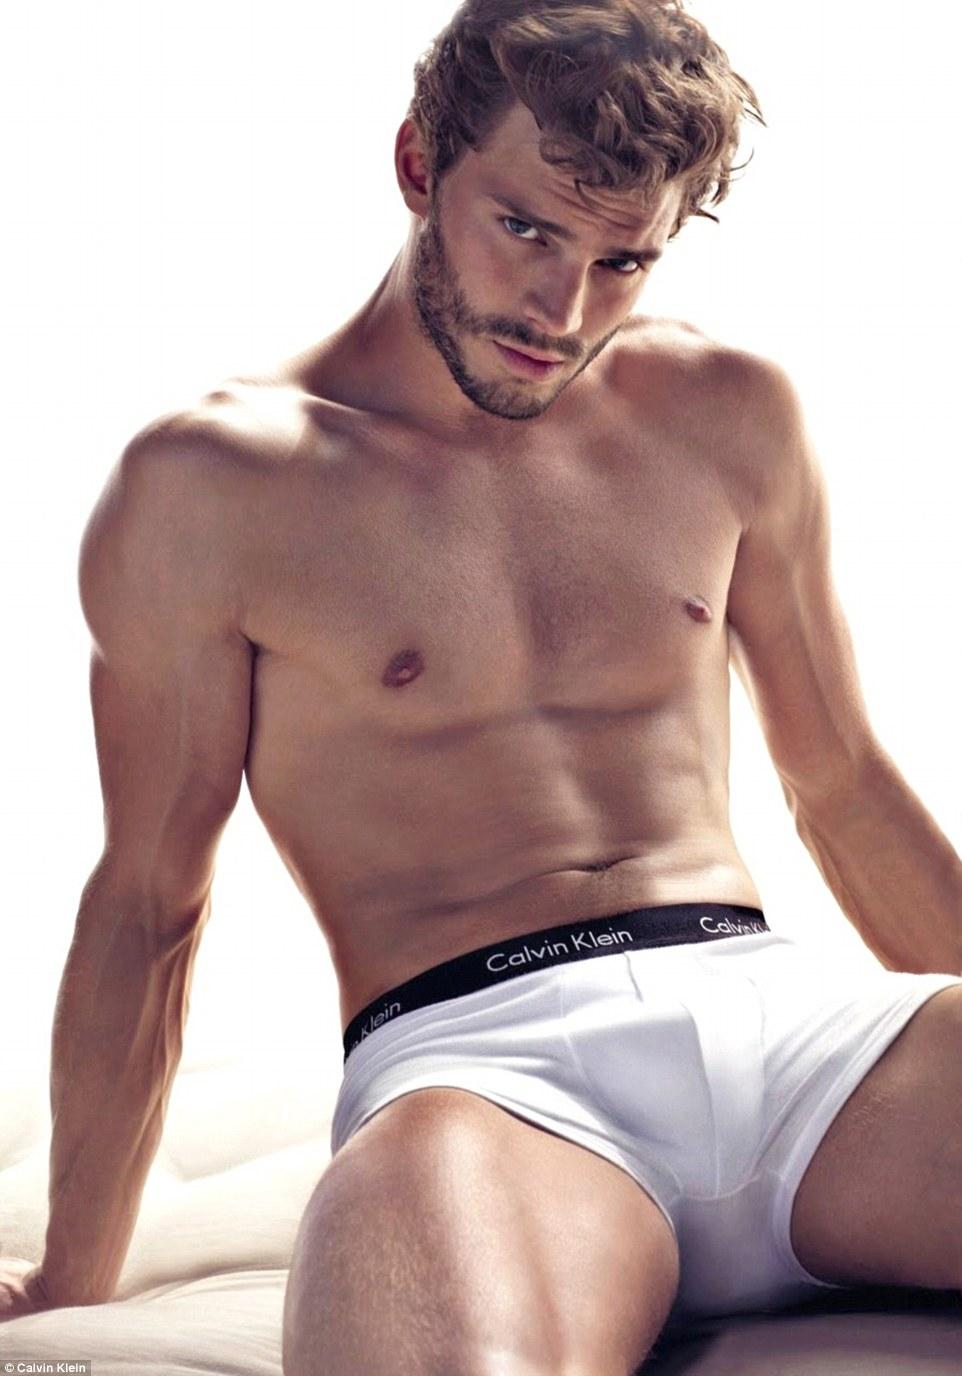 celebrity calvin klein underwear ads jamie dornan